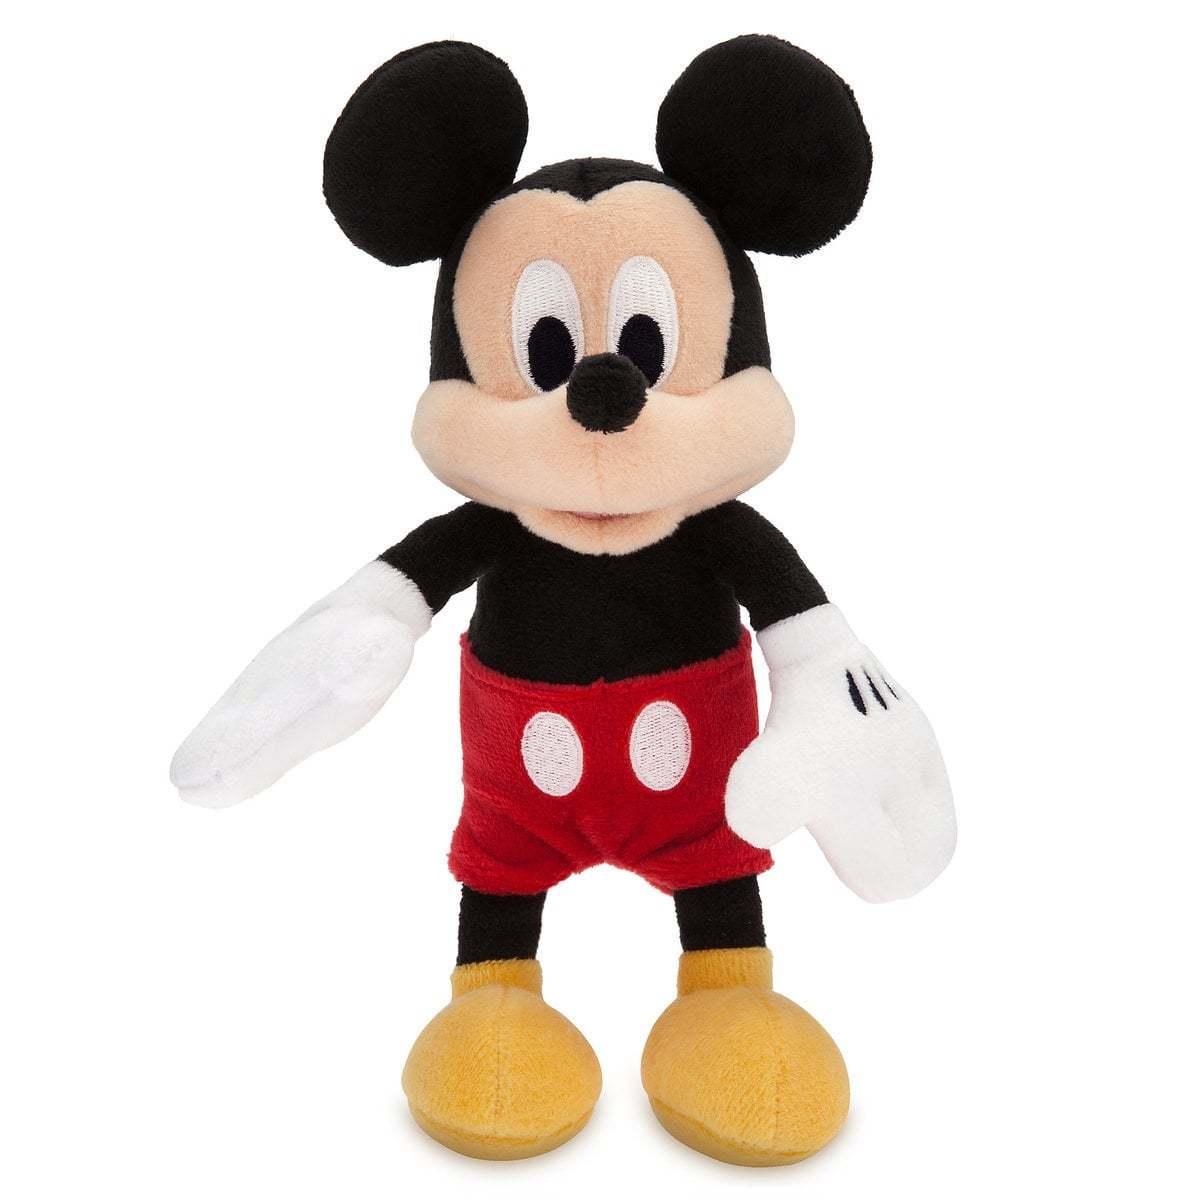 Мягкая игрушка «Микки Маус» Дисней 23 см